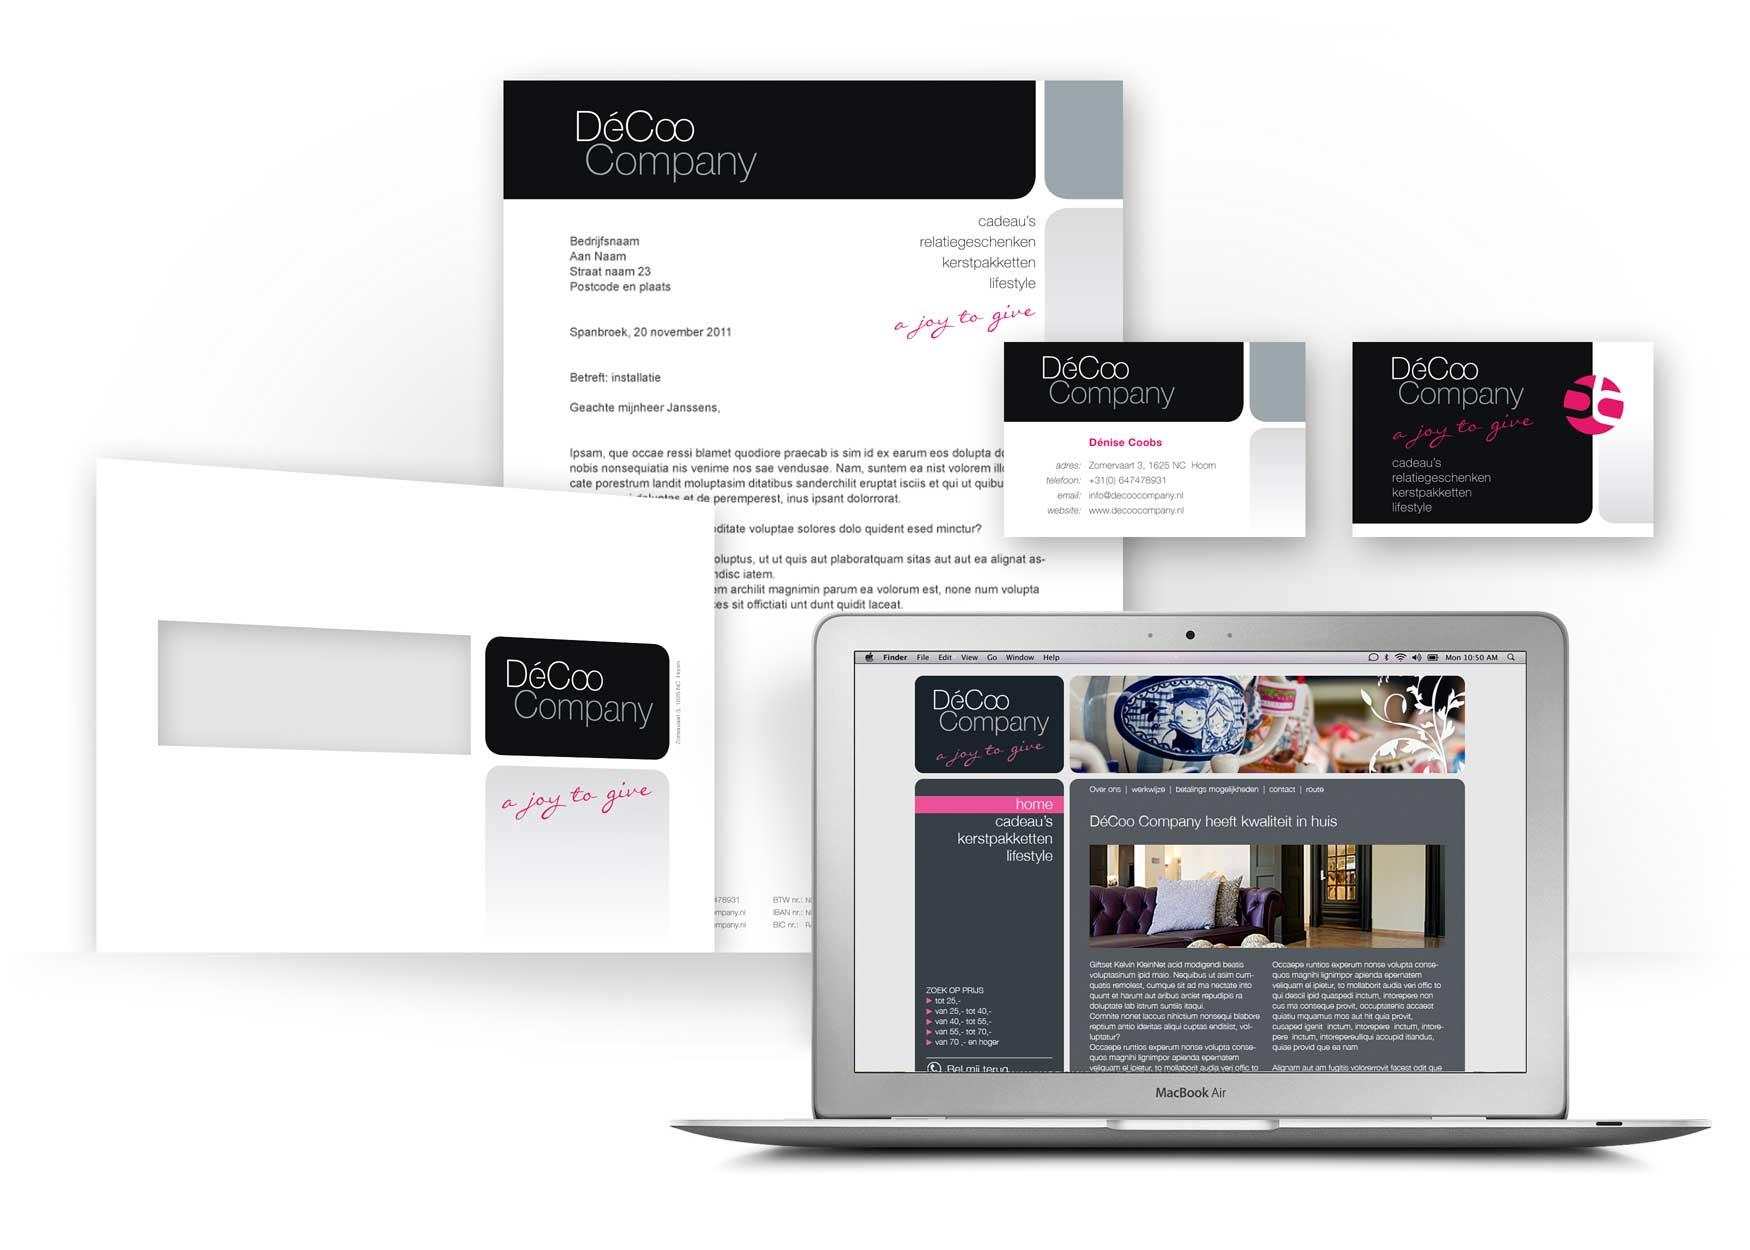 Decoo Company Huisstijl